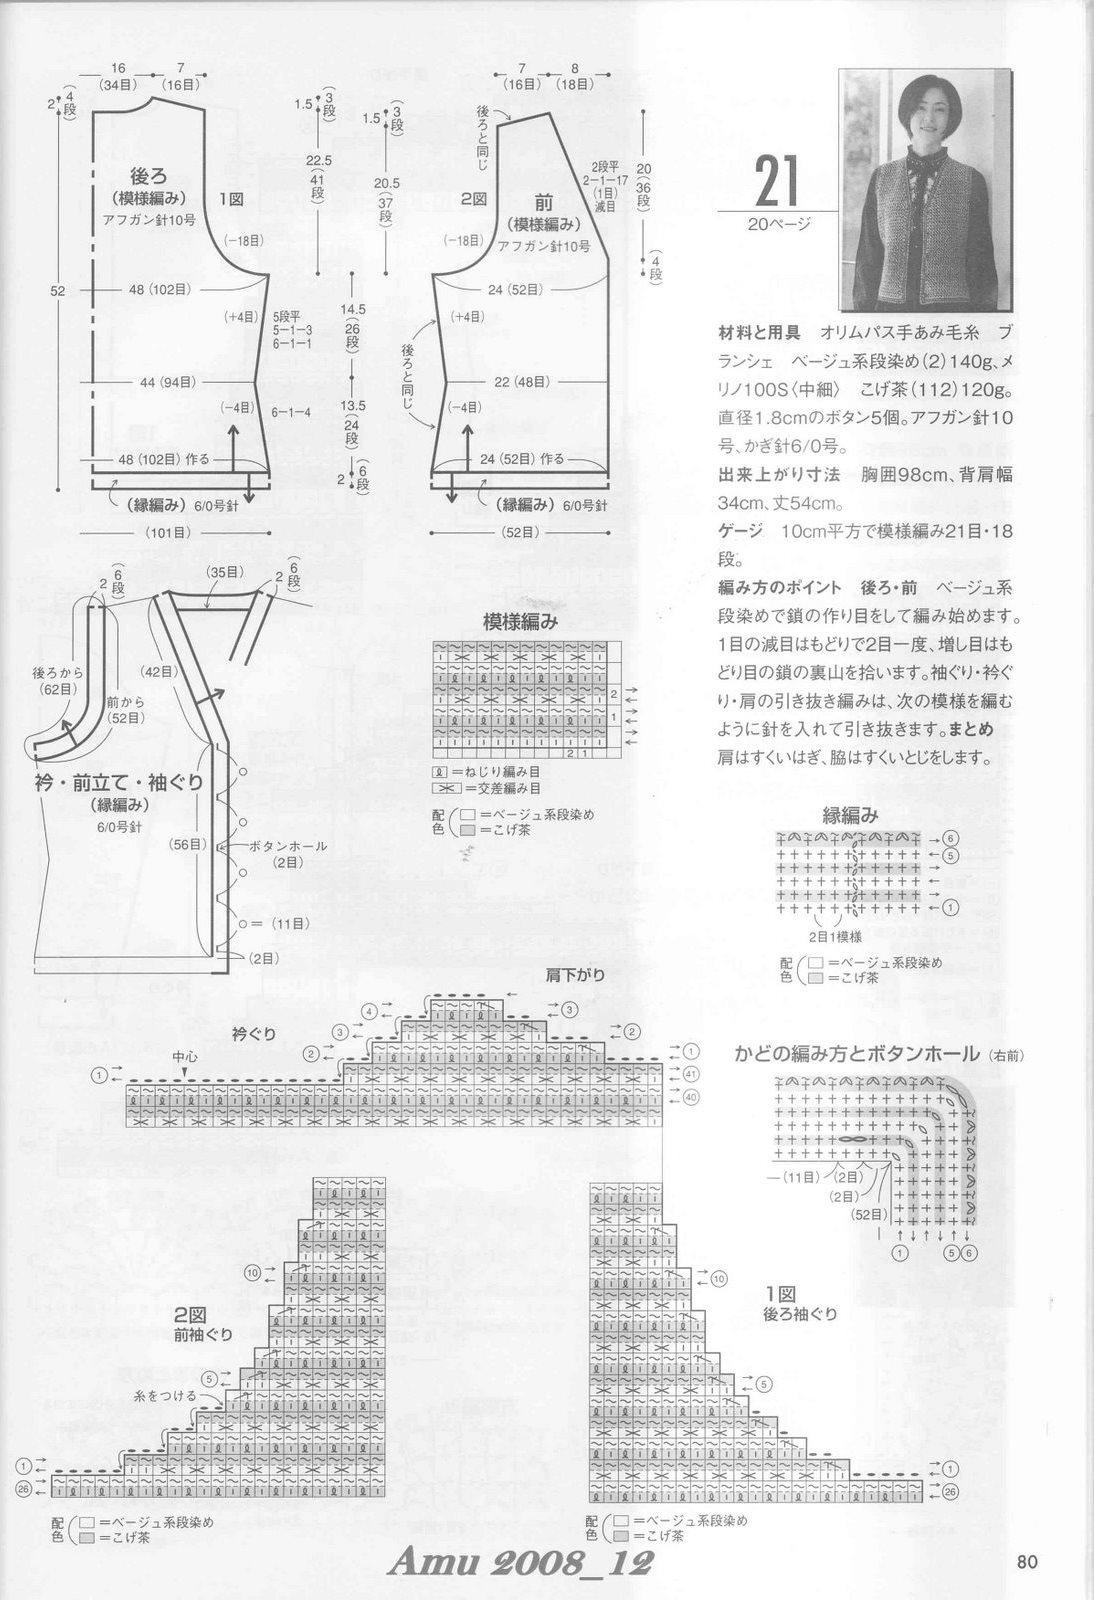 0893_Amu 2008_12_Page_020 (2)